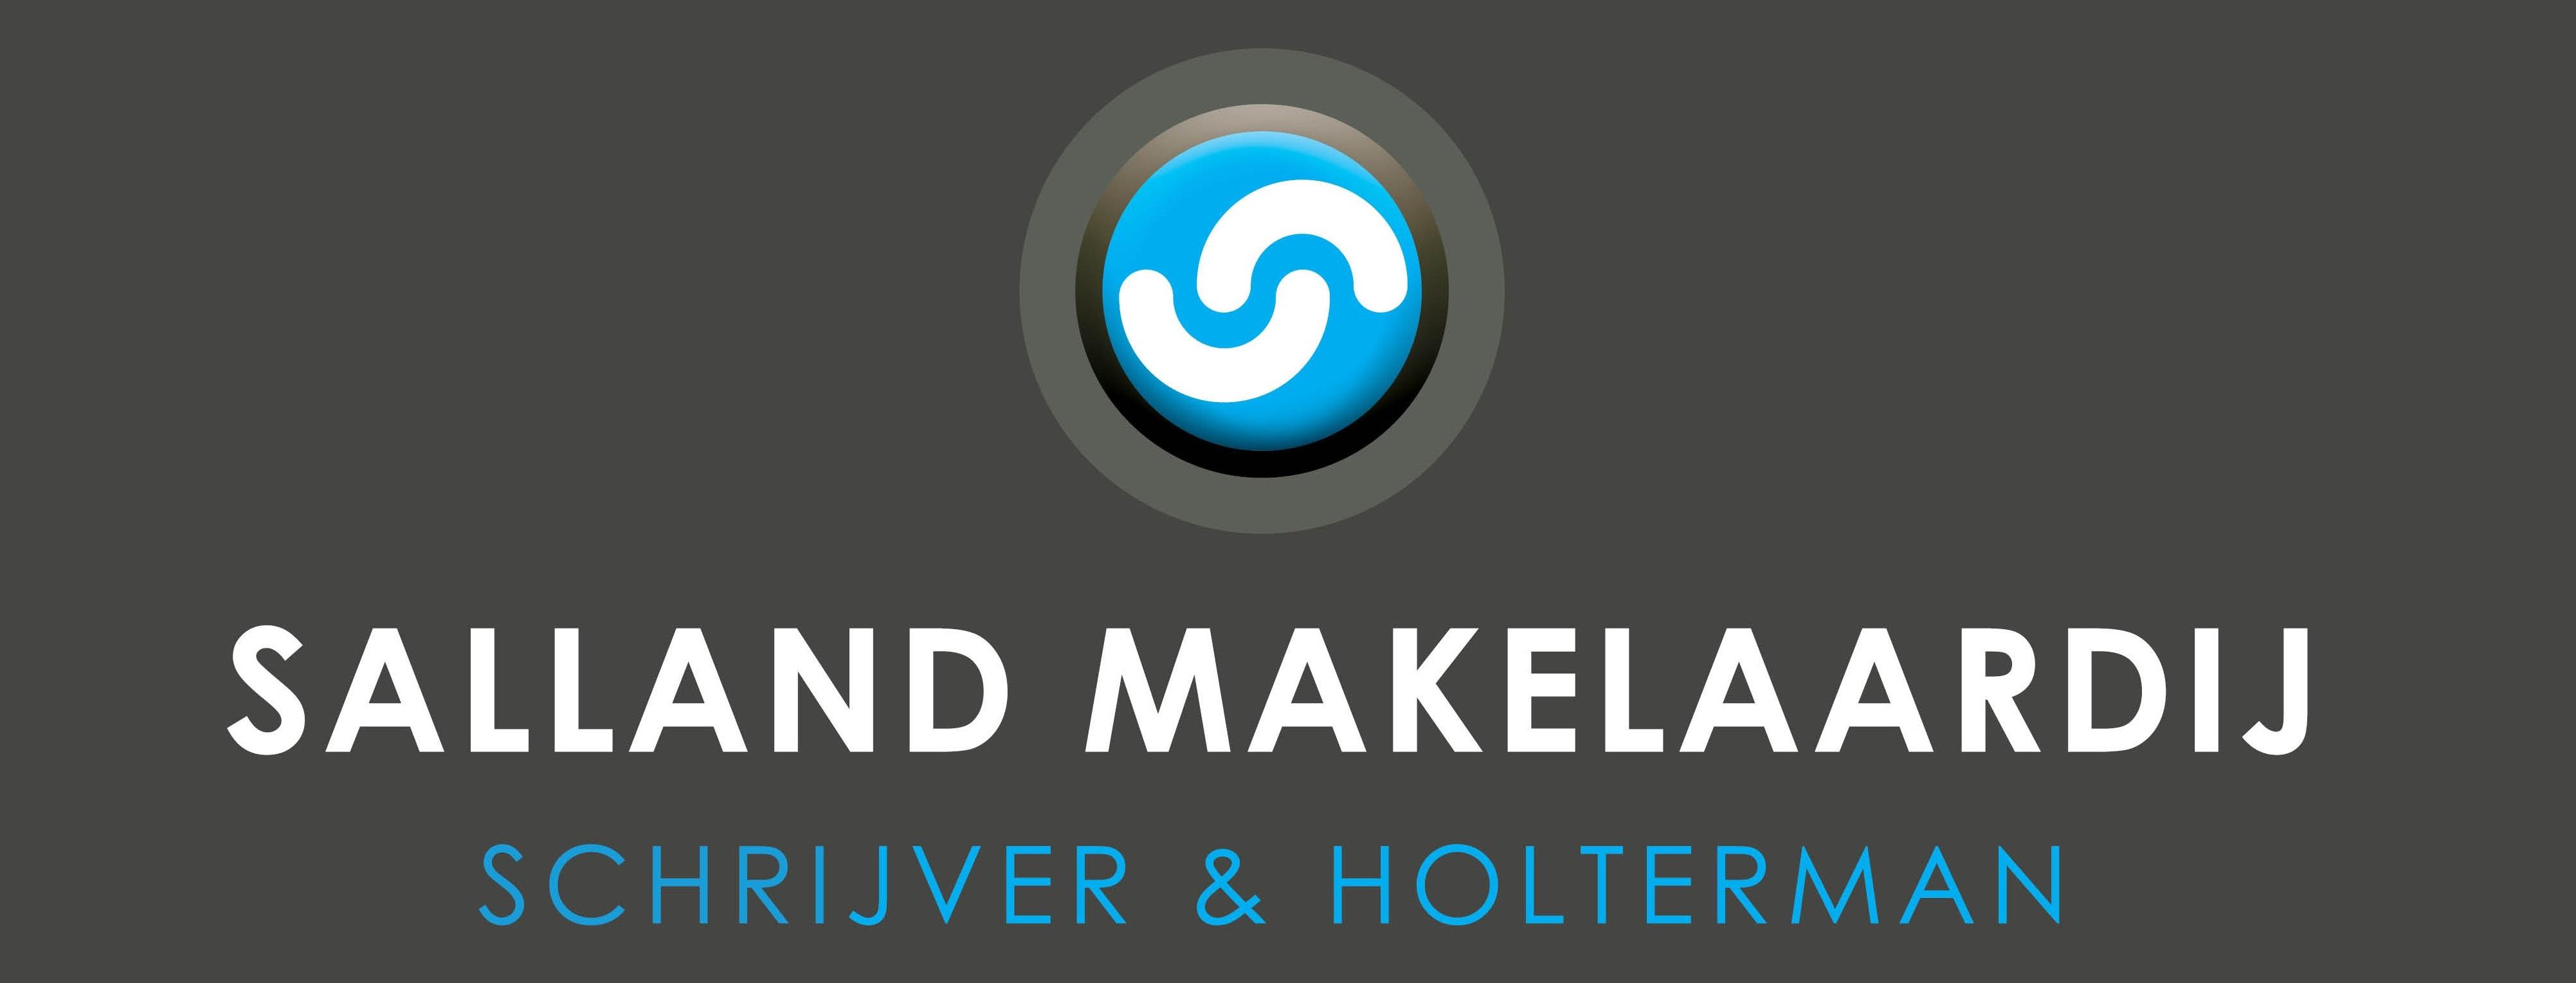 Logo Salland Makelaardij Schrijver & Holterman